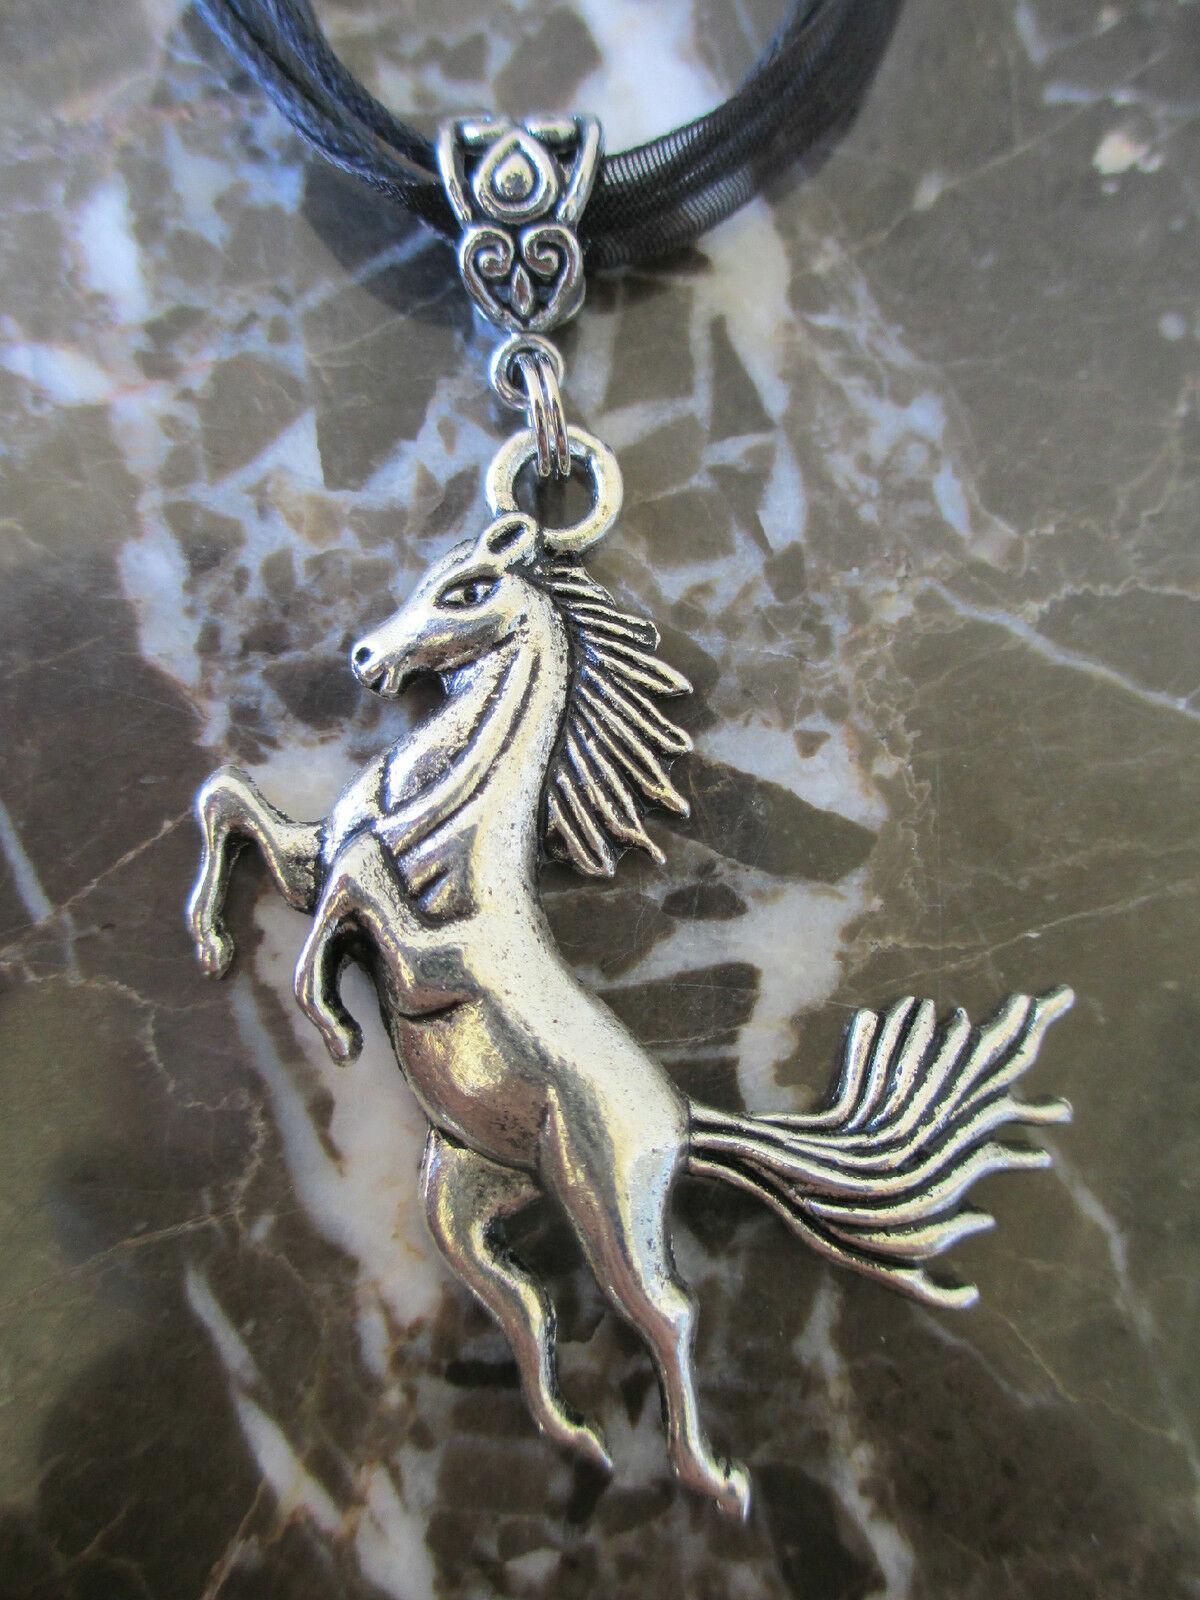 فاخر مصمم كبير بيان تربية موستانج المهر الحصان قلادة خمر قلادة فضية الأورجانزا الشريط قلادة المرأة مجوهرات بيجو